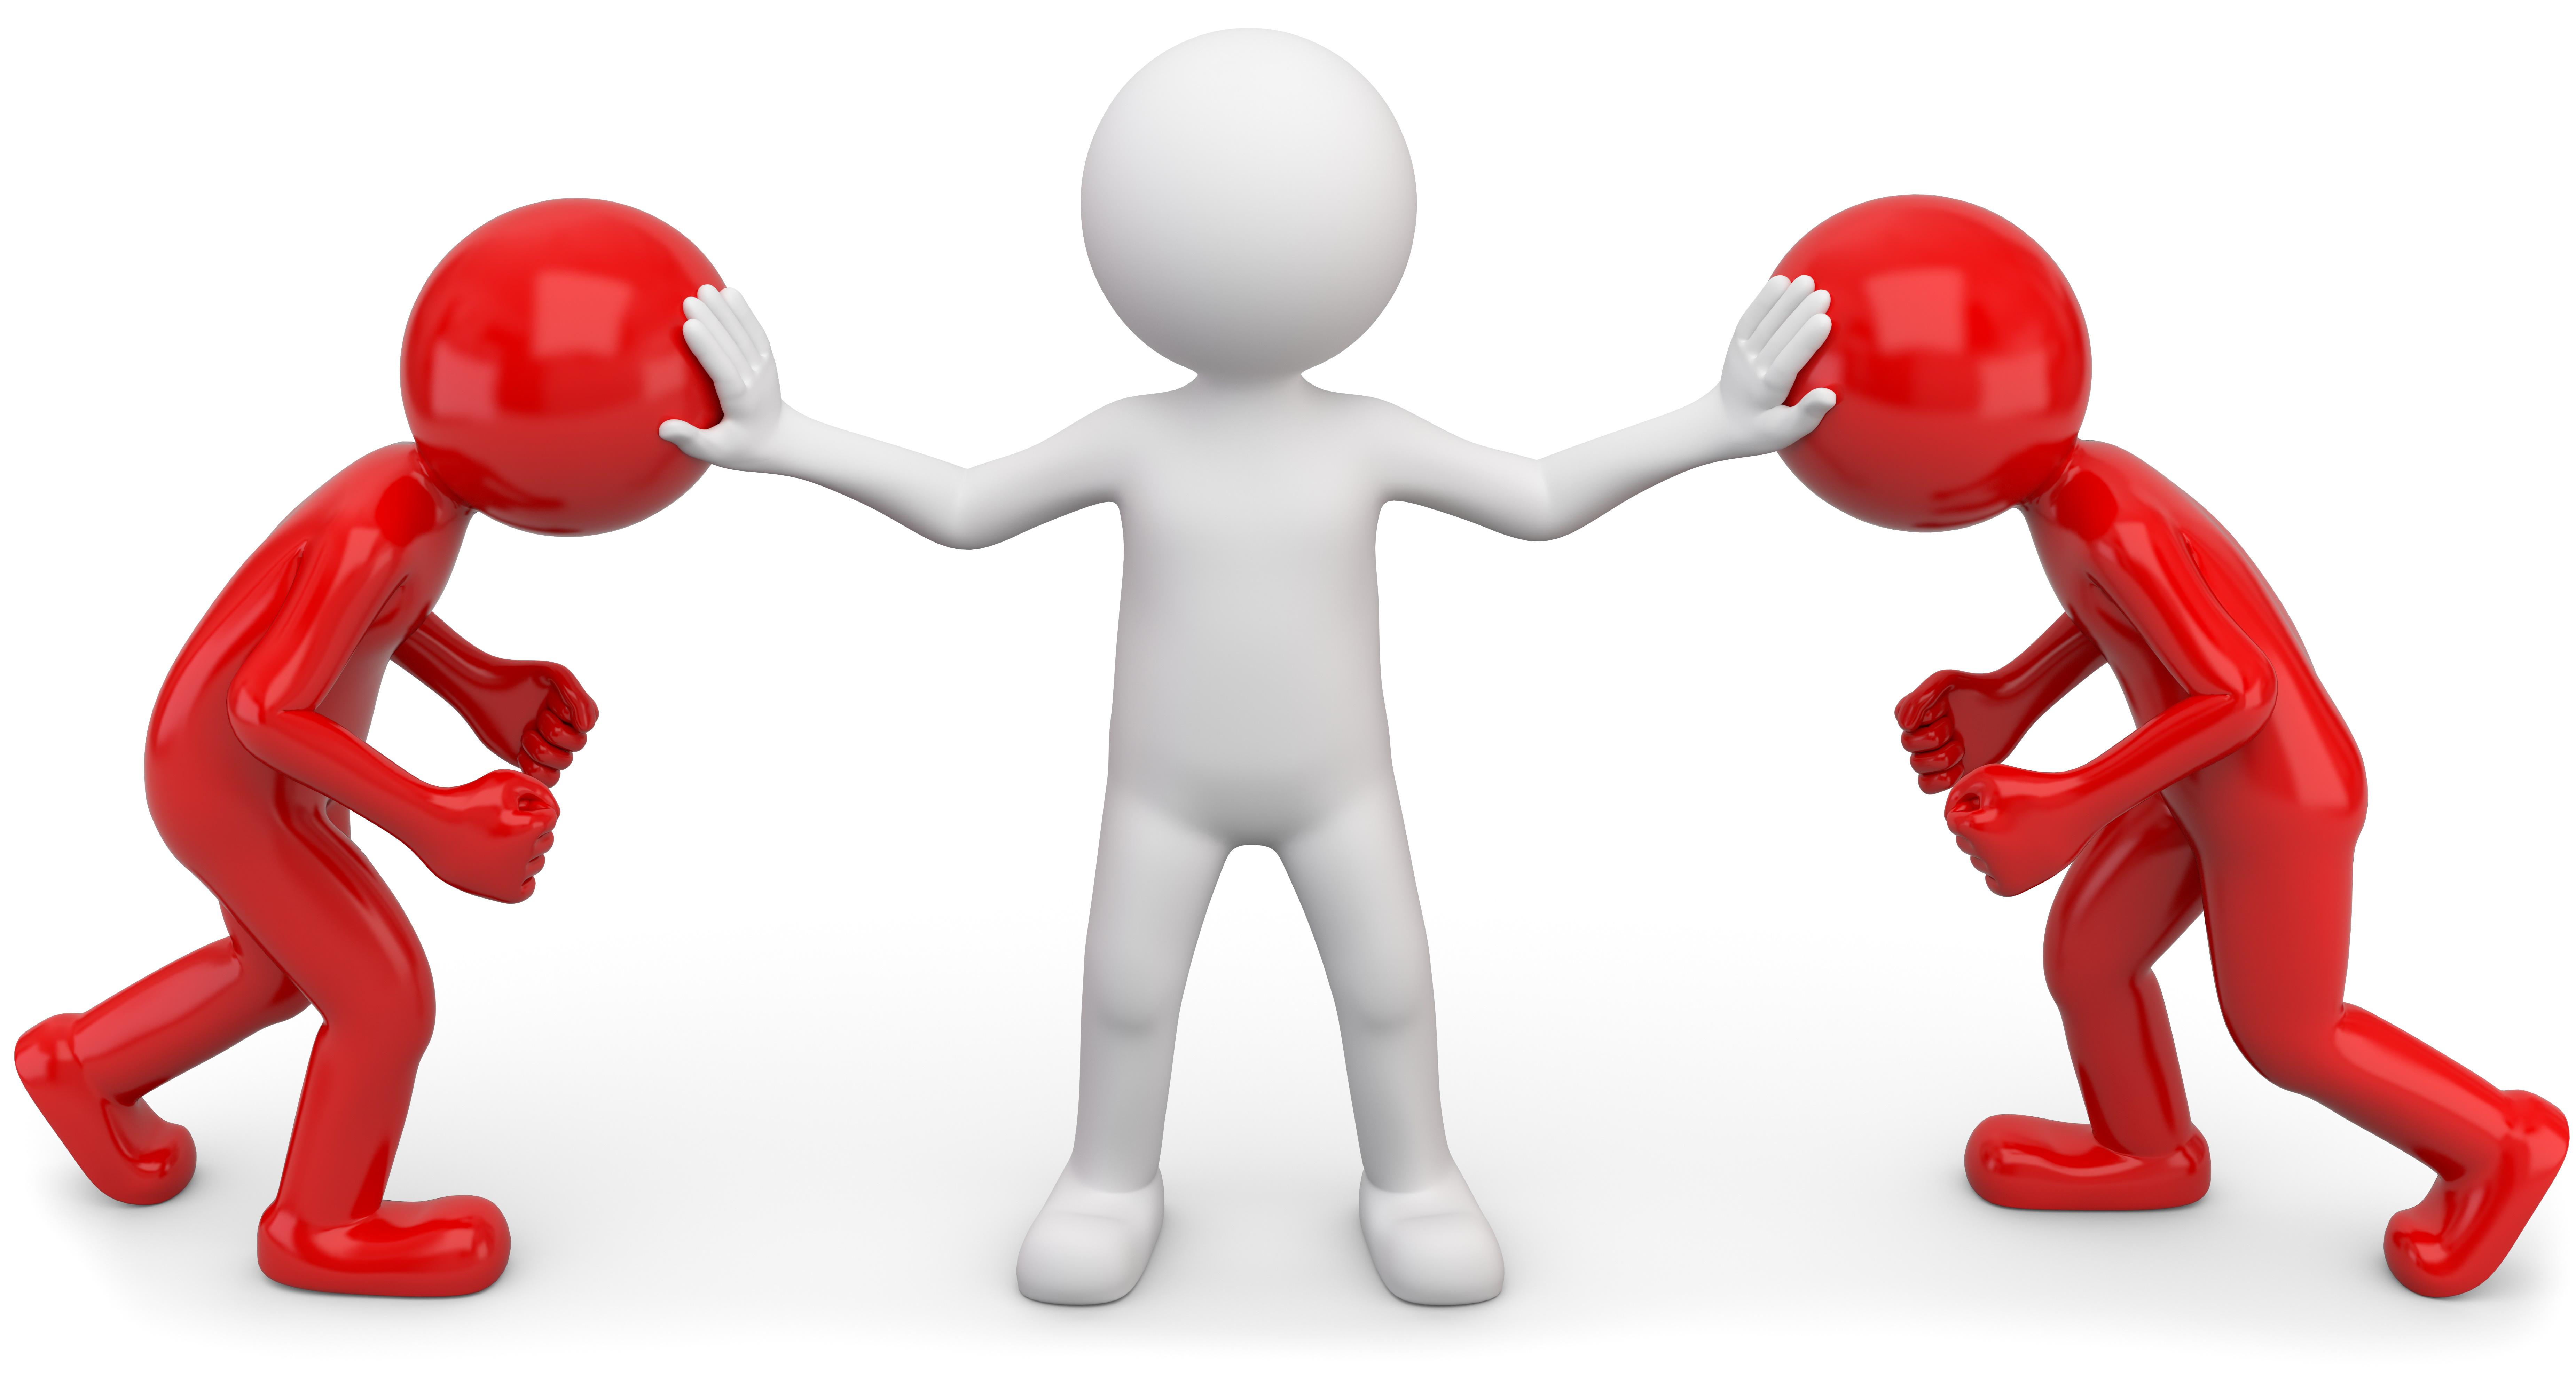 Une personne qui résout un conflit entre deux personnes